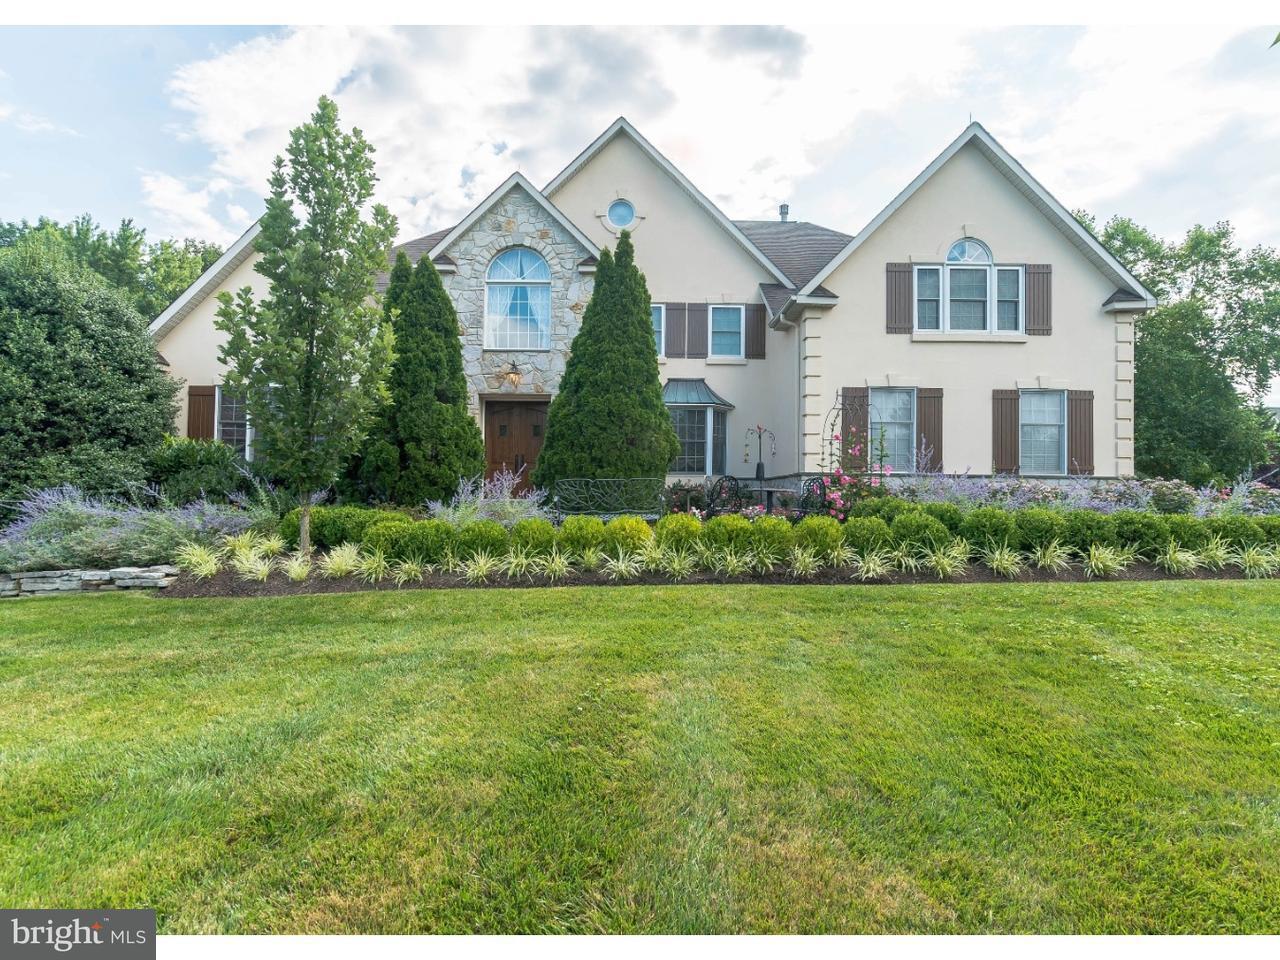 独户住宅 为 销售 在 110 BROCHANT Circle Blue Bell, 宾夕法尼亚州 19422 美国